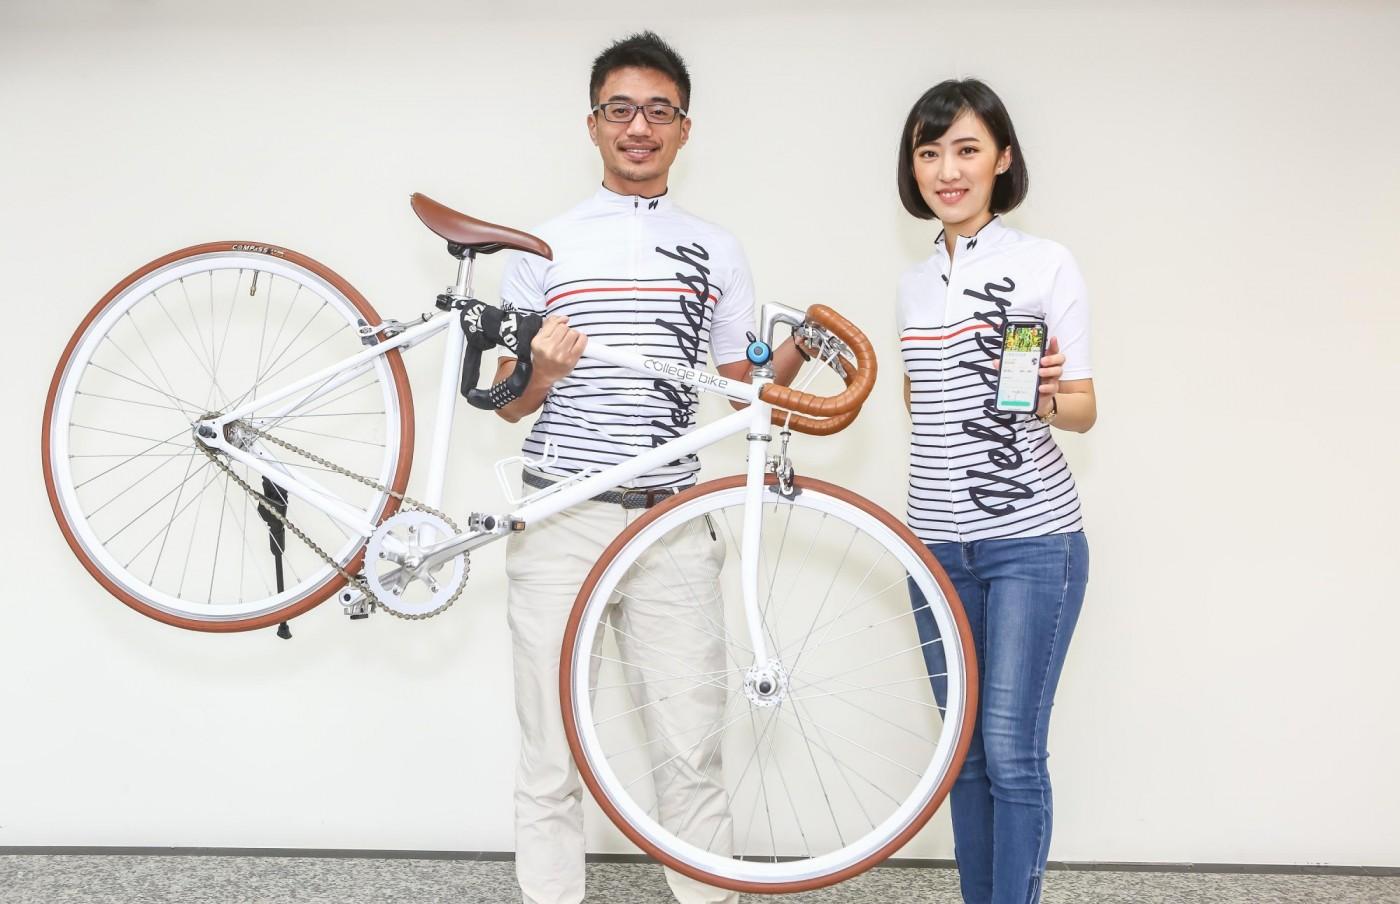 為單車社群發燒友而生!Velodash要解決自行車友間的互動難題